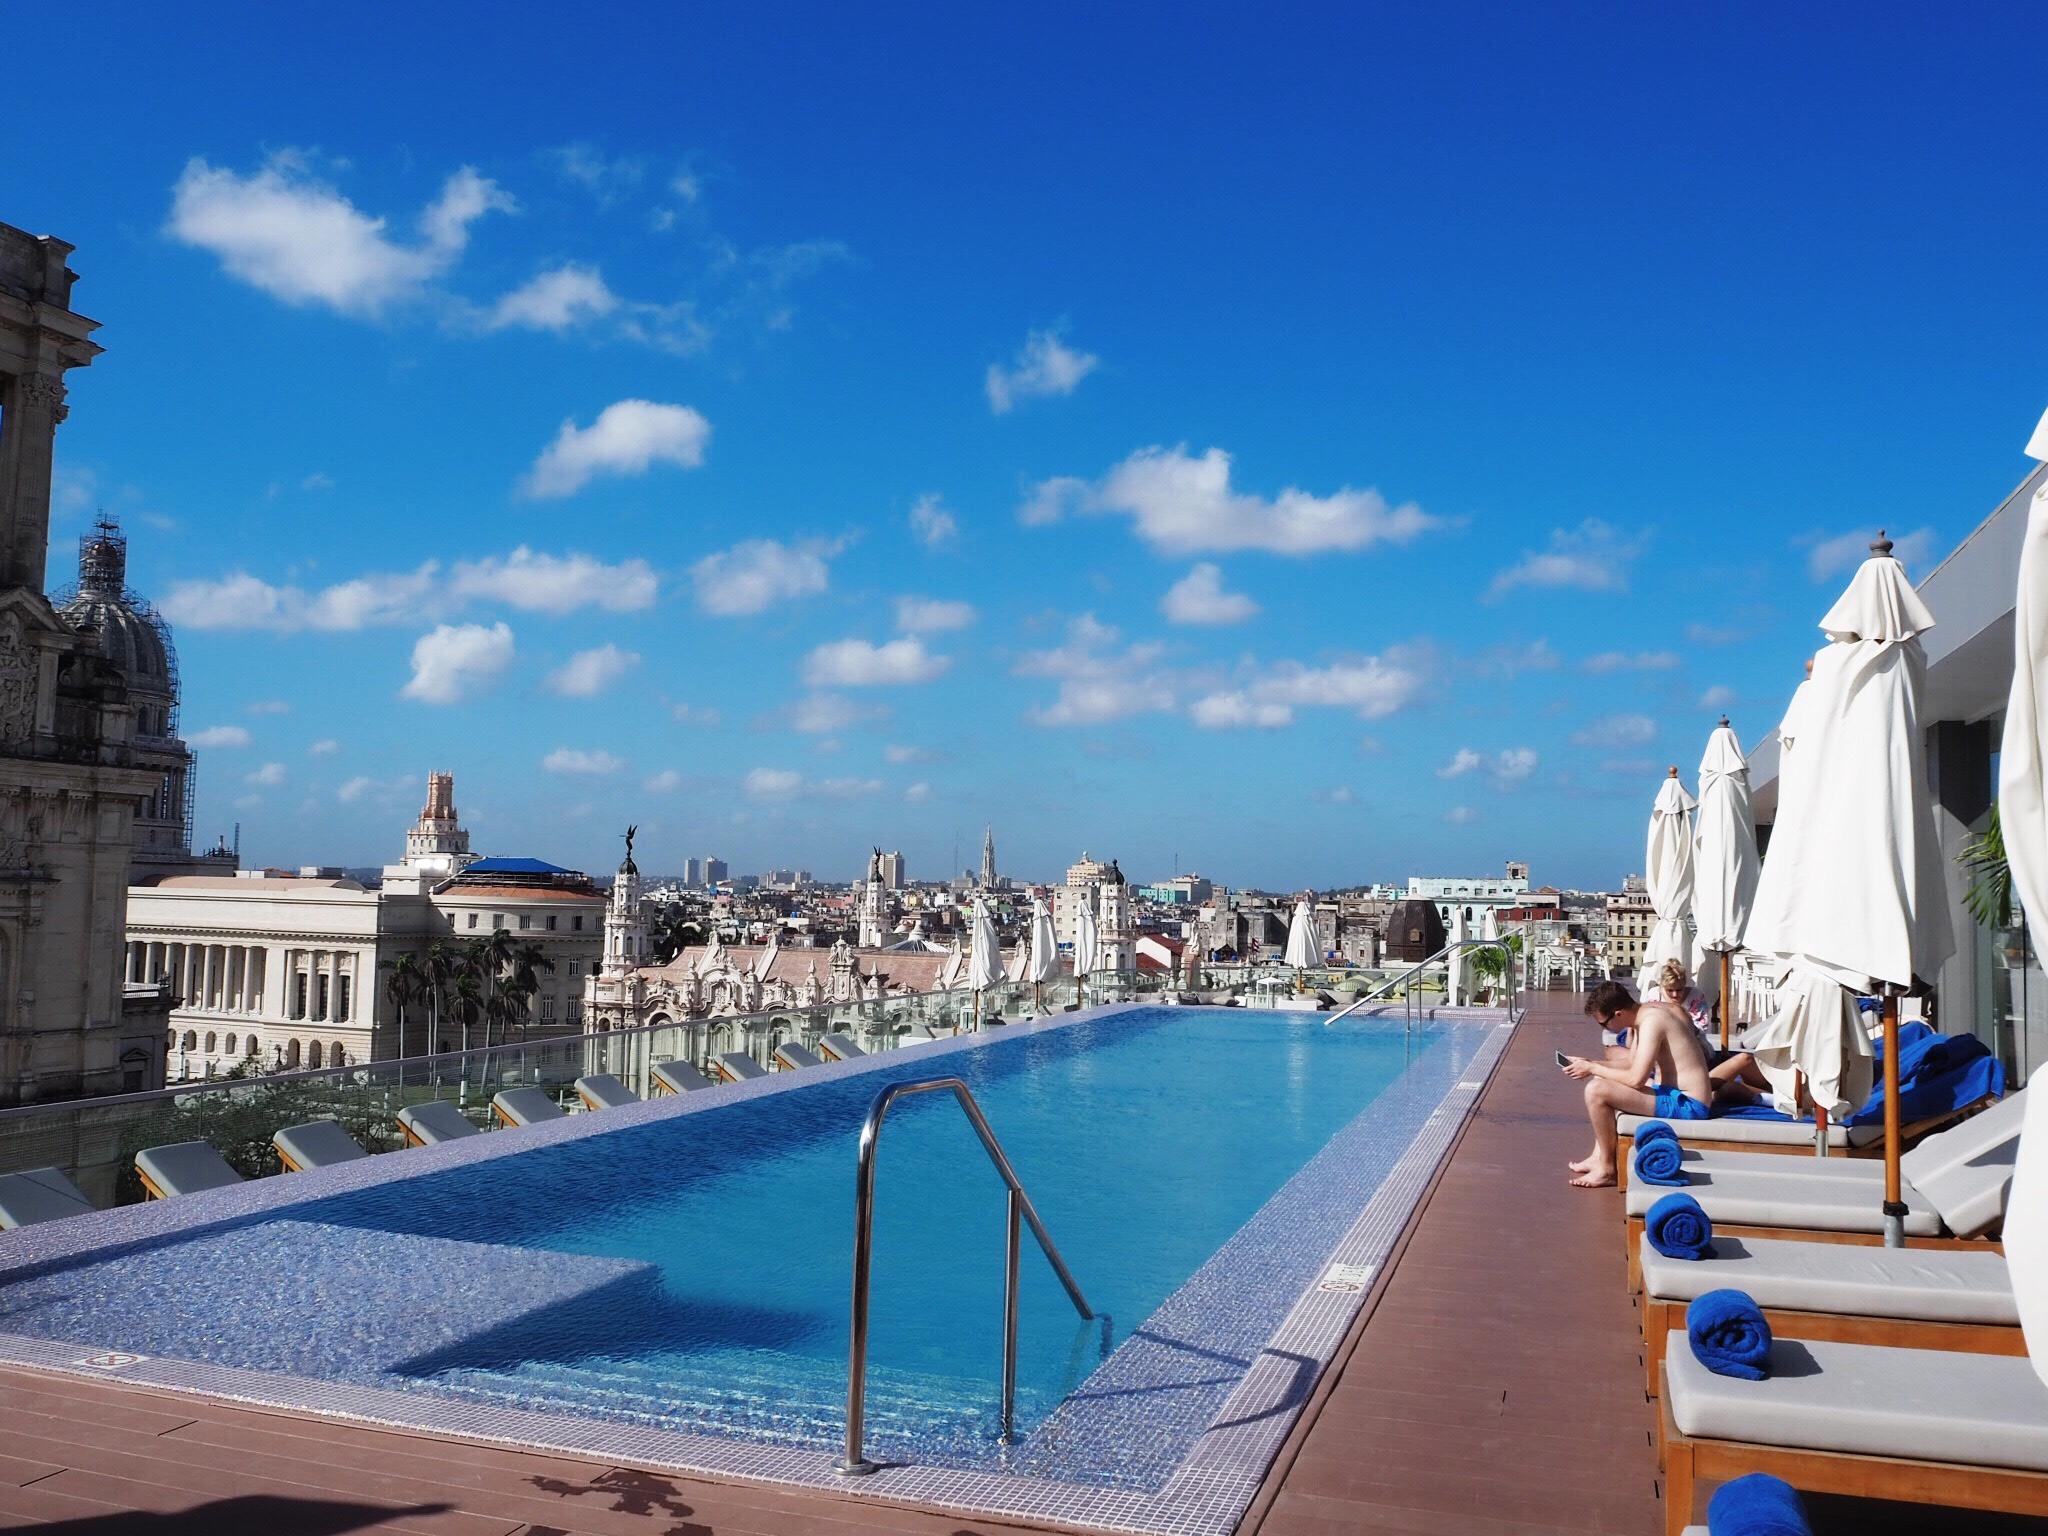 9416a806 6bd1 4303 bbfd 020b42dcc8d4 - Kempinski Hotel - 2017年オープンのハバナで今1番と言われる五つ星ラグジュアリーホテル